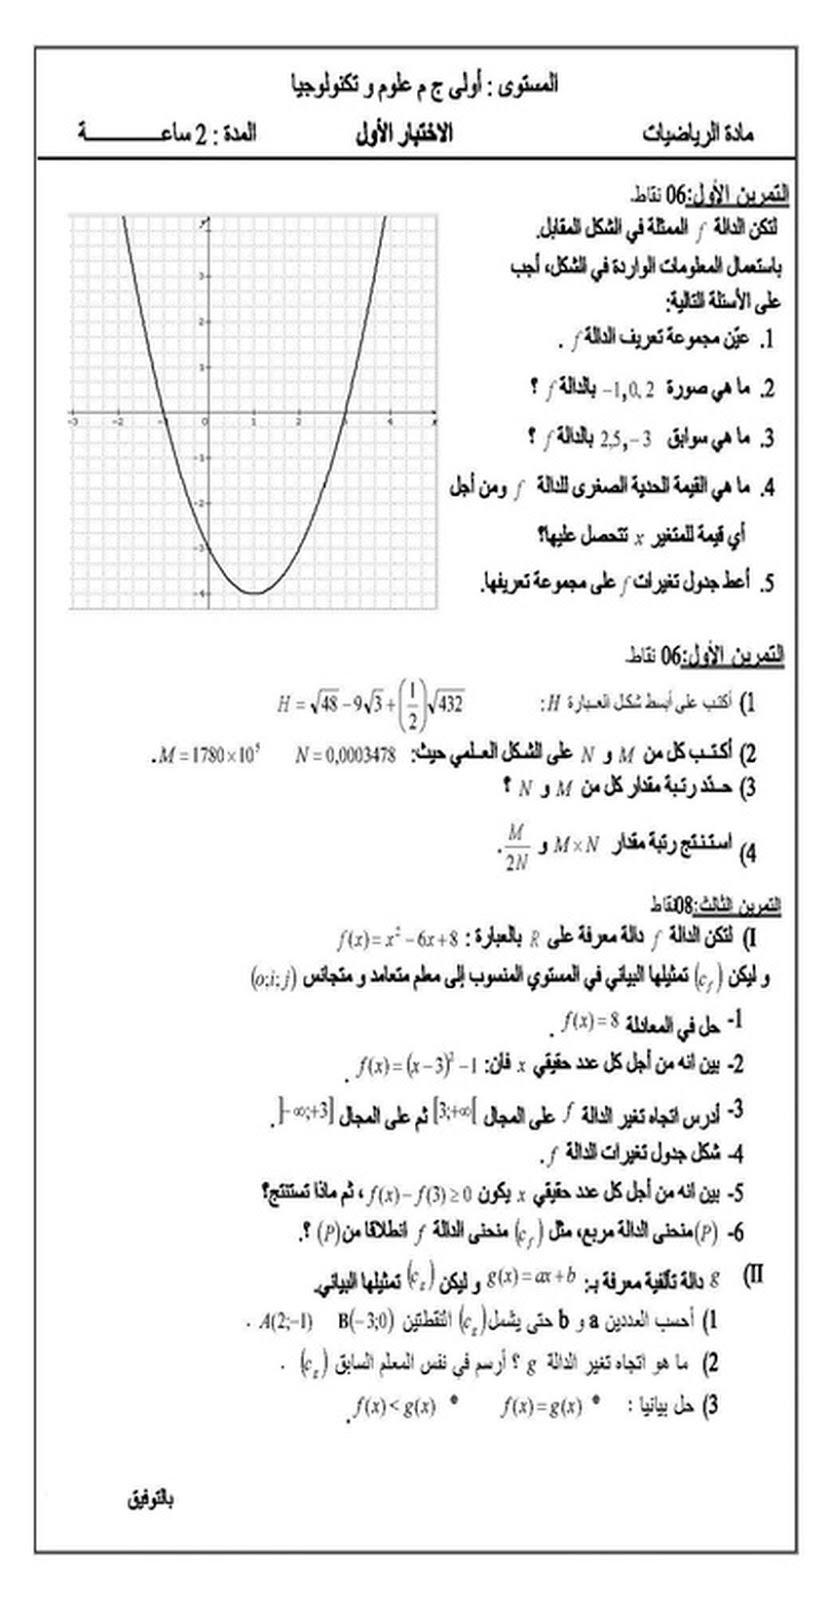 مسائل رياضيات للسنة الأولى ثانوي